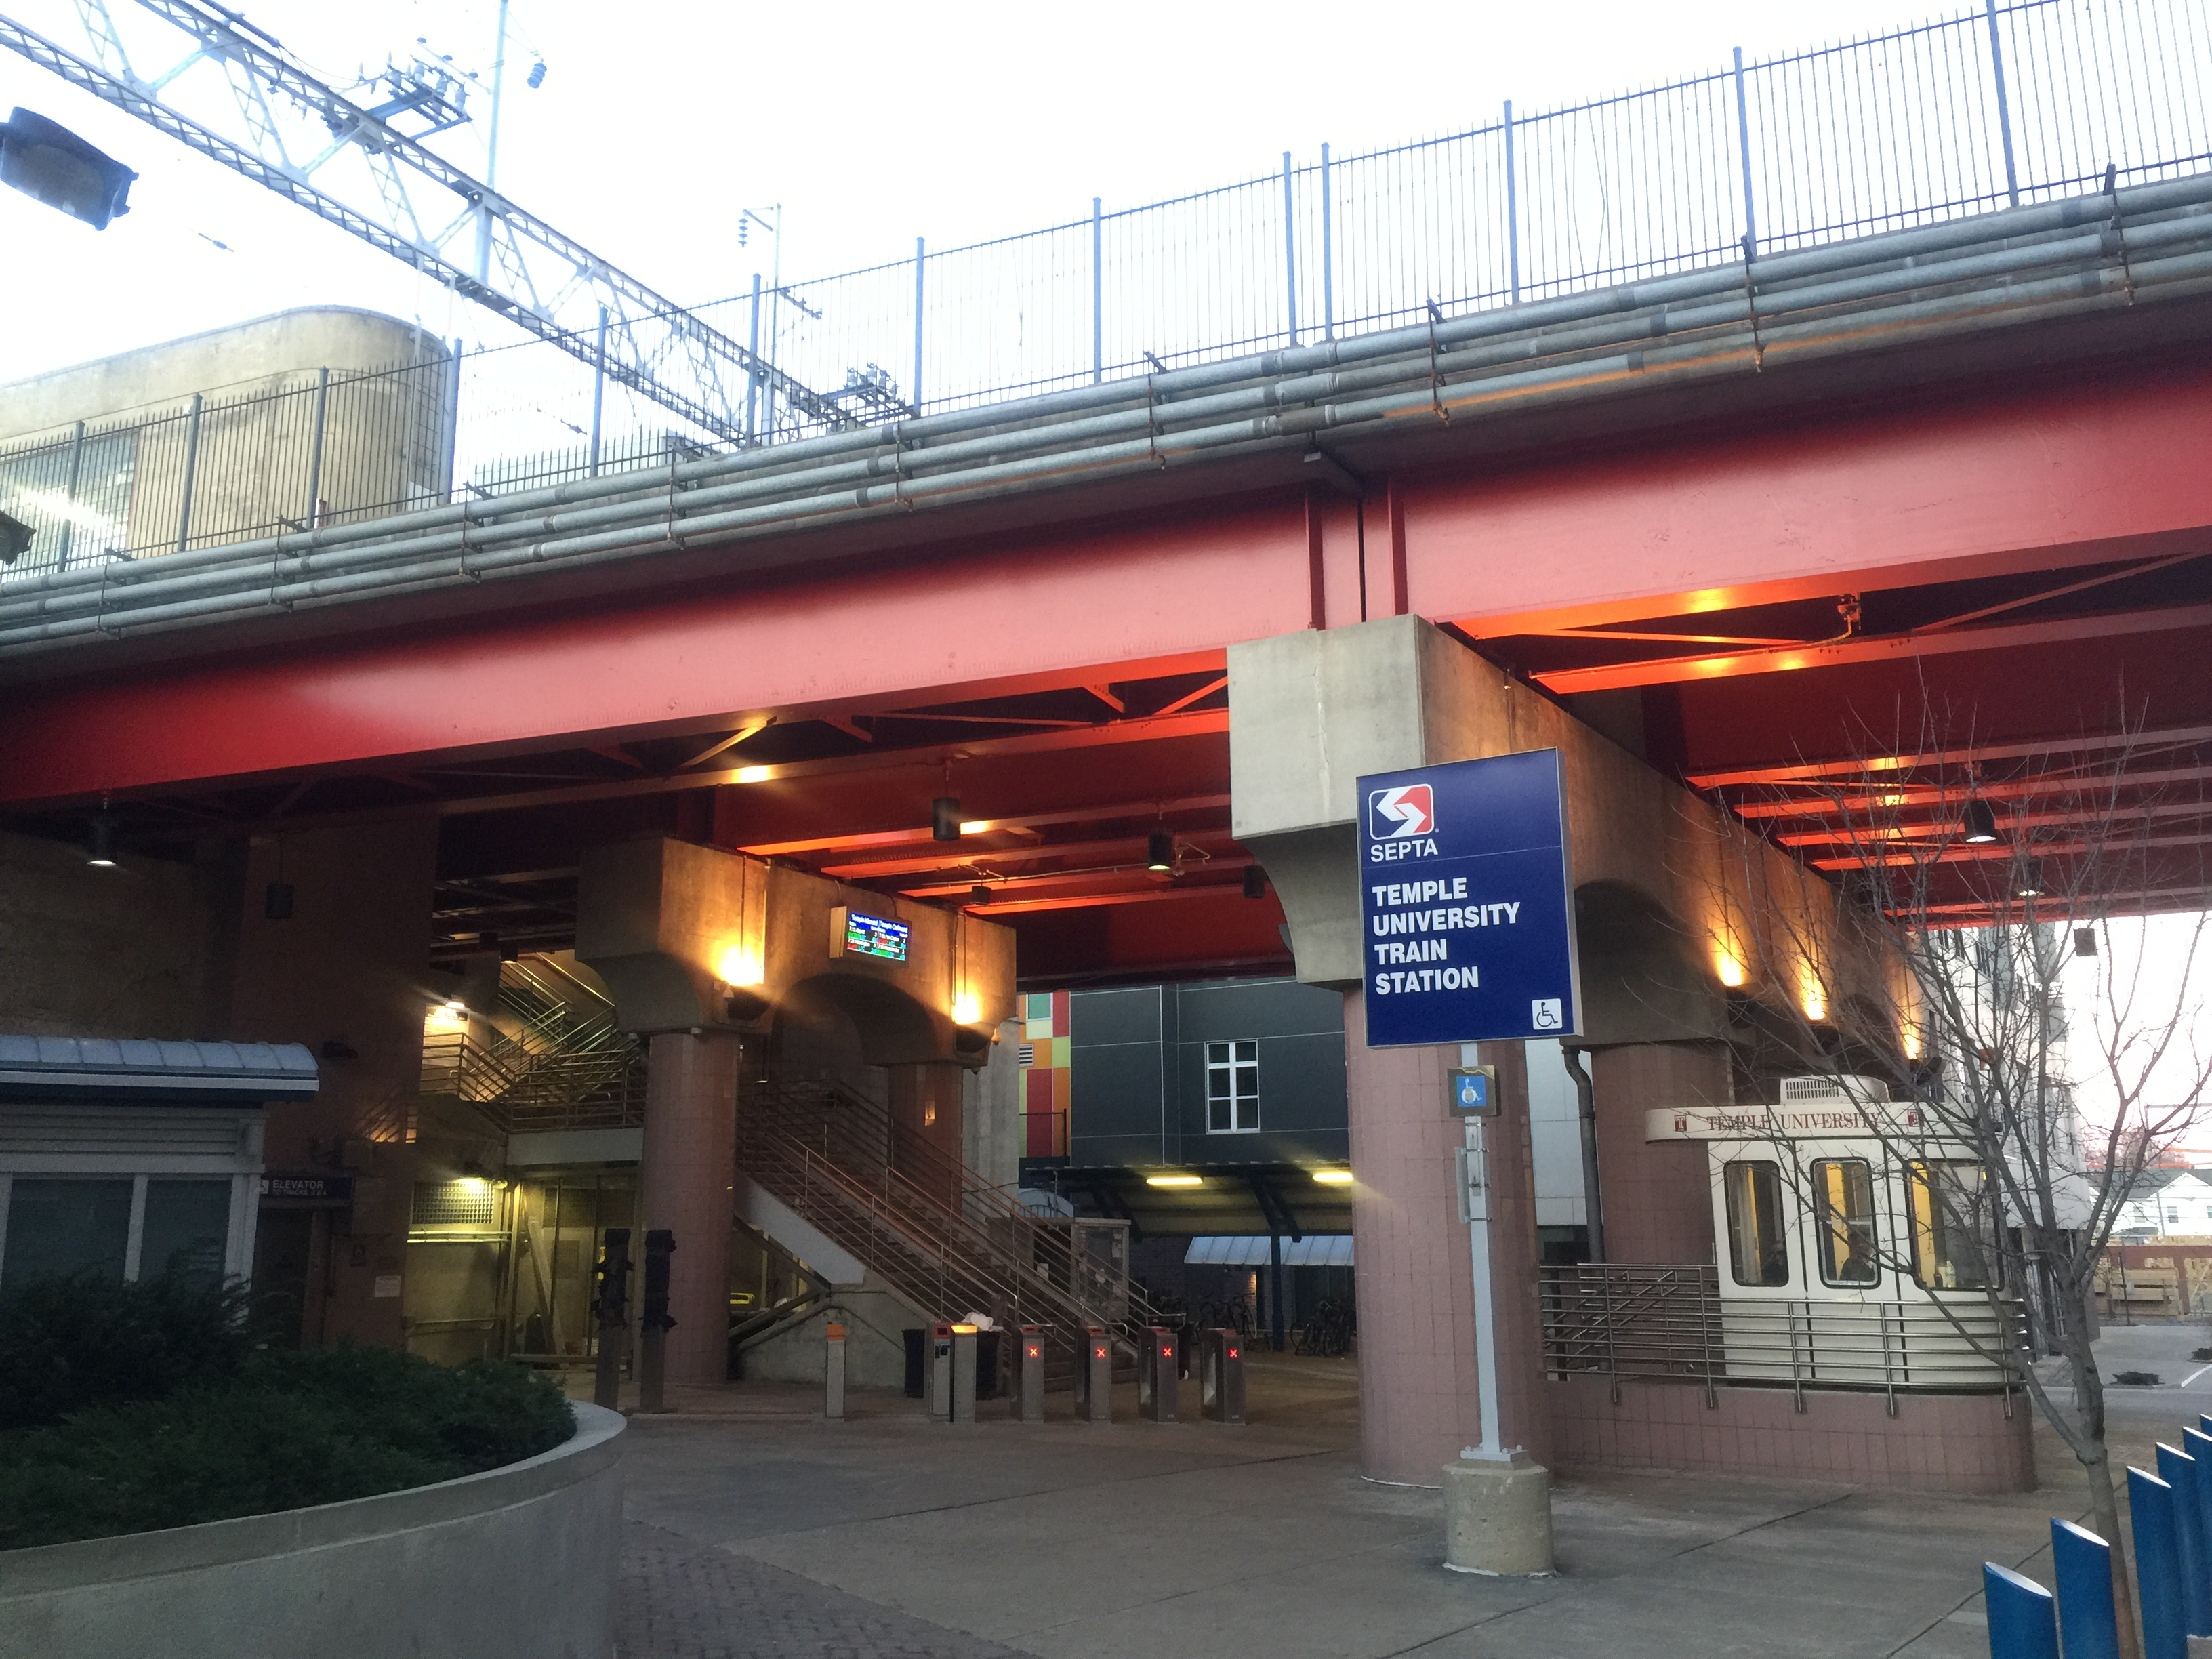 Temple University Station Wikipedia